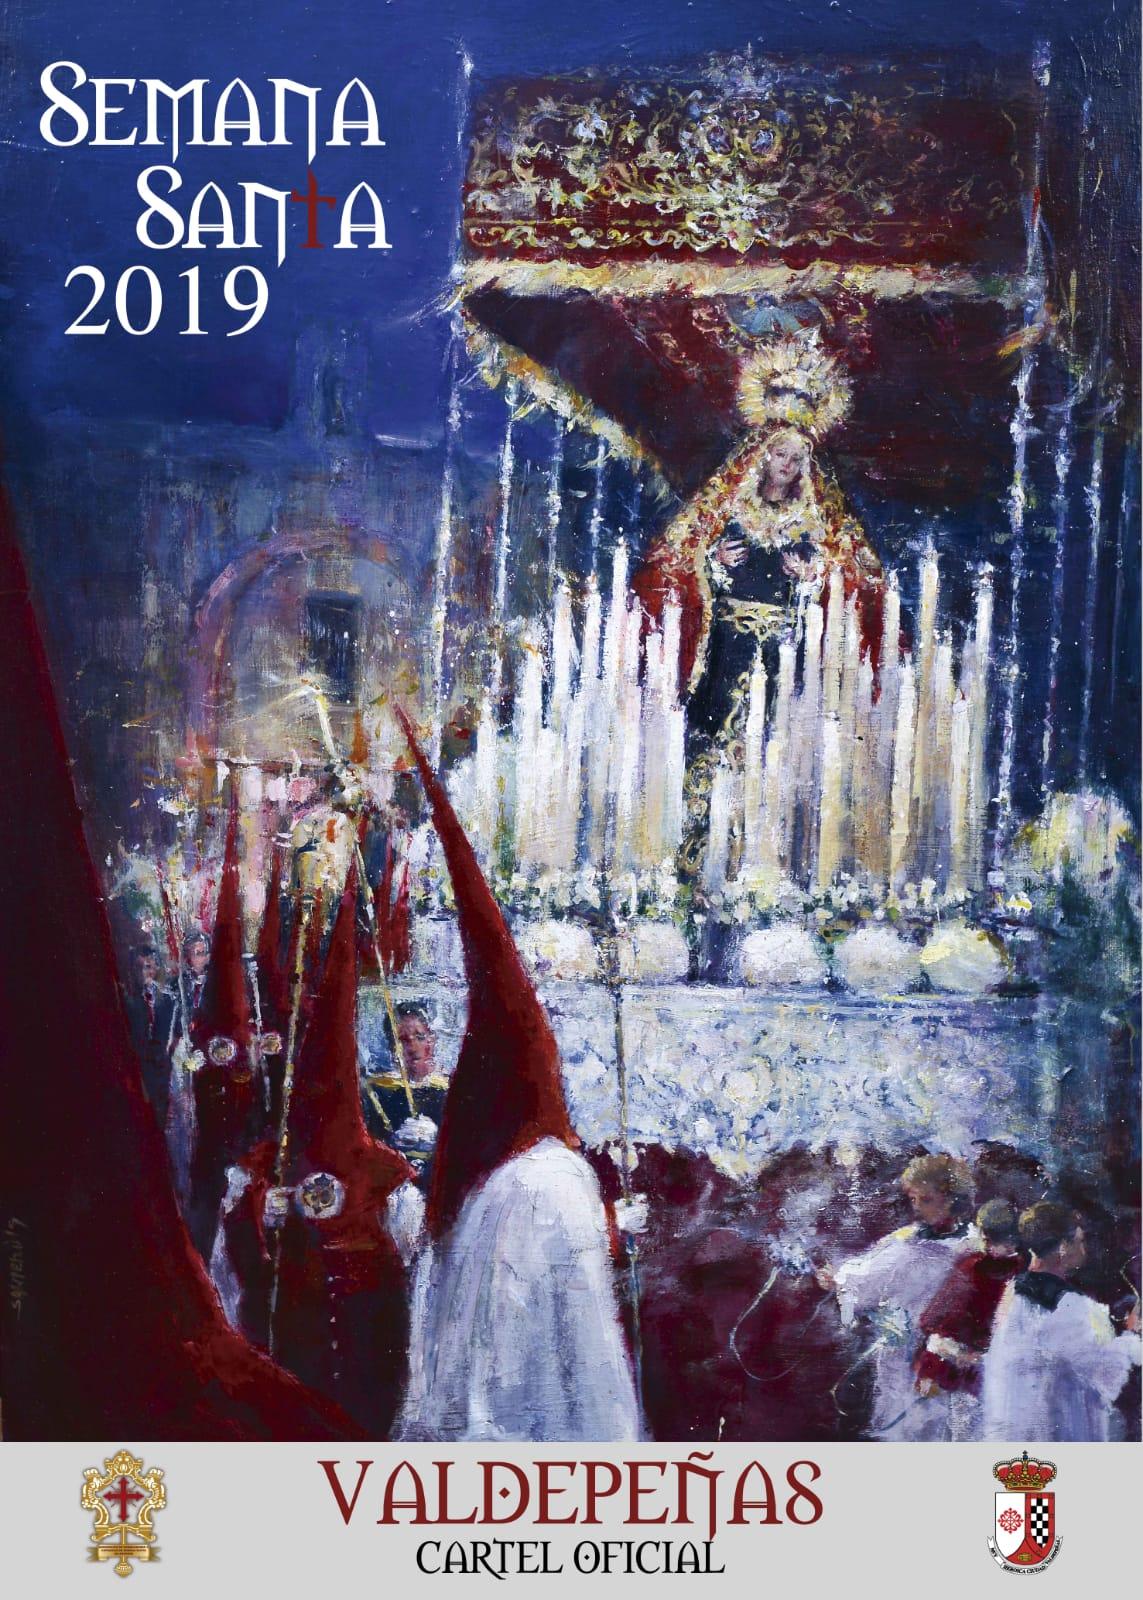 María Stma. de la Palma, Reina de los Mártires, imagen central del Cartel Oficial de la Semana Santa 2019 de Valdepeñas.